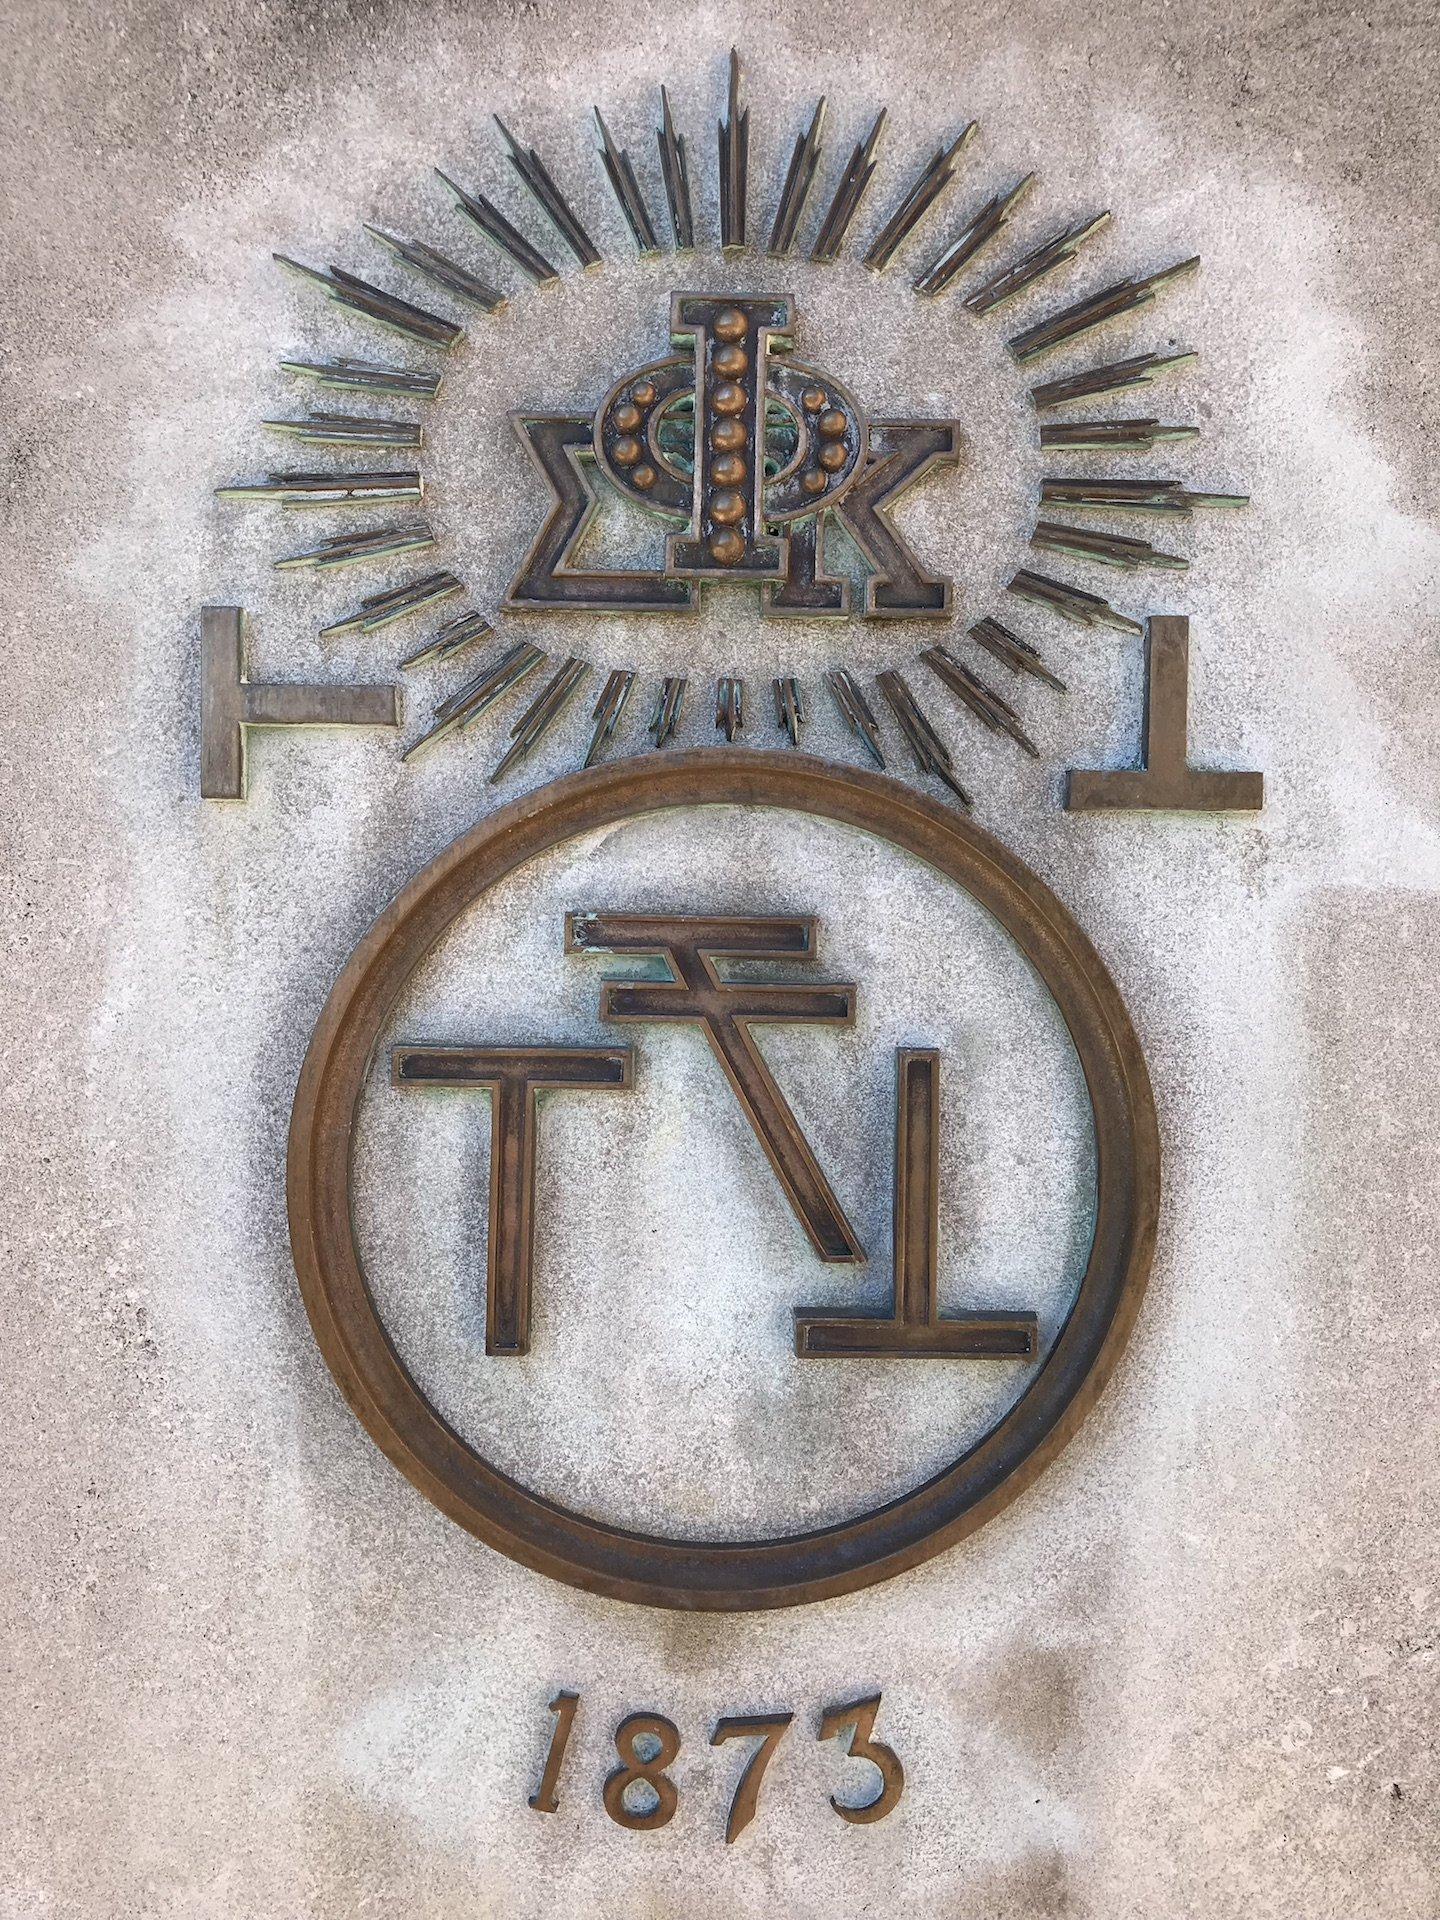 Phi Sigma Kappa Memorial, detail, 2018.